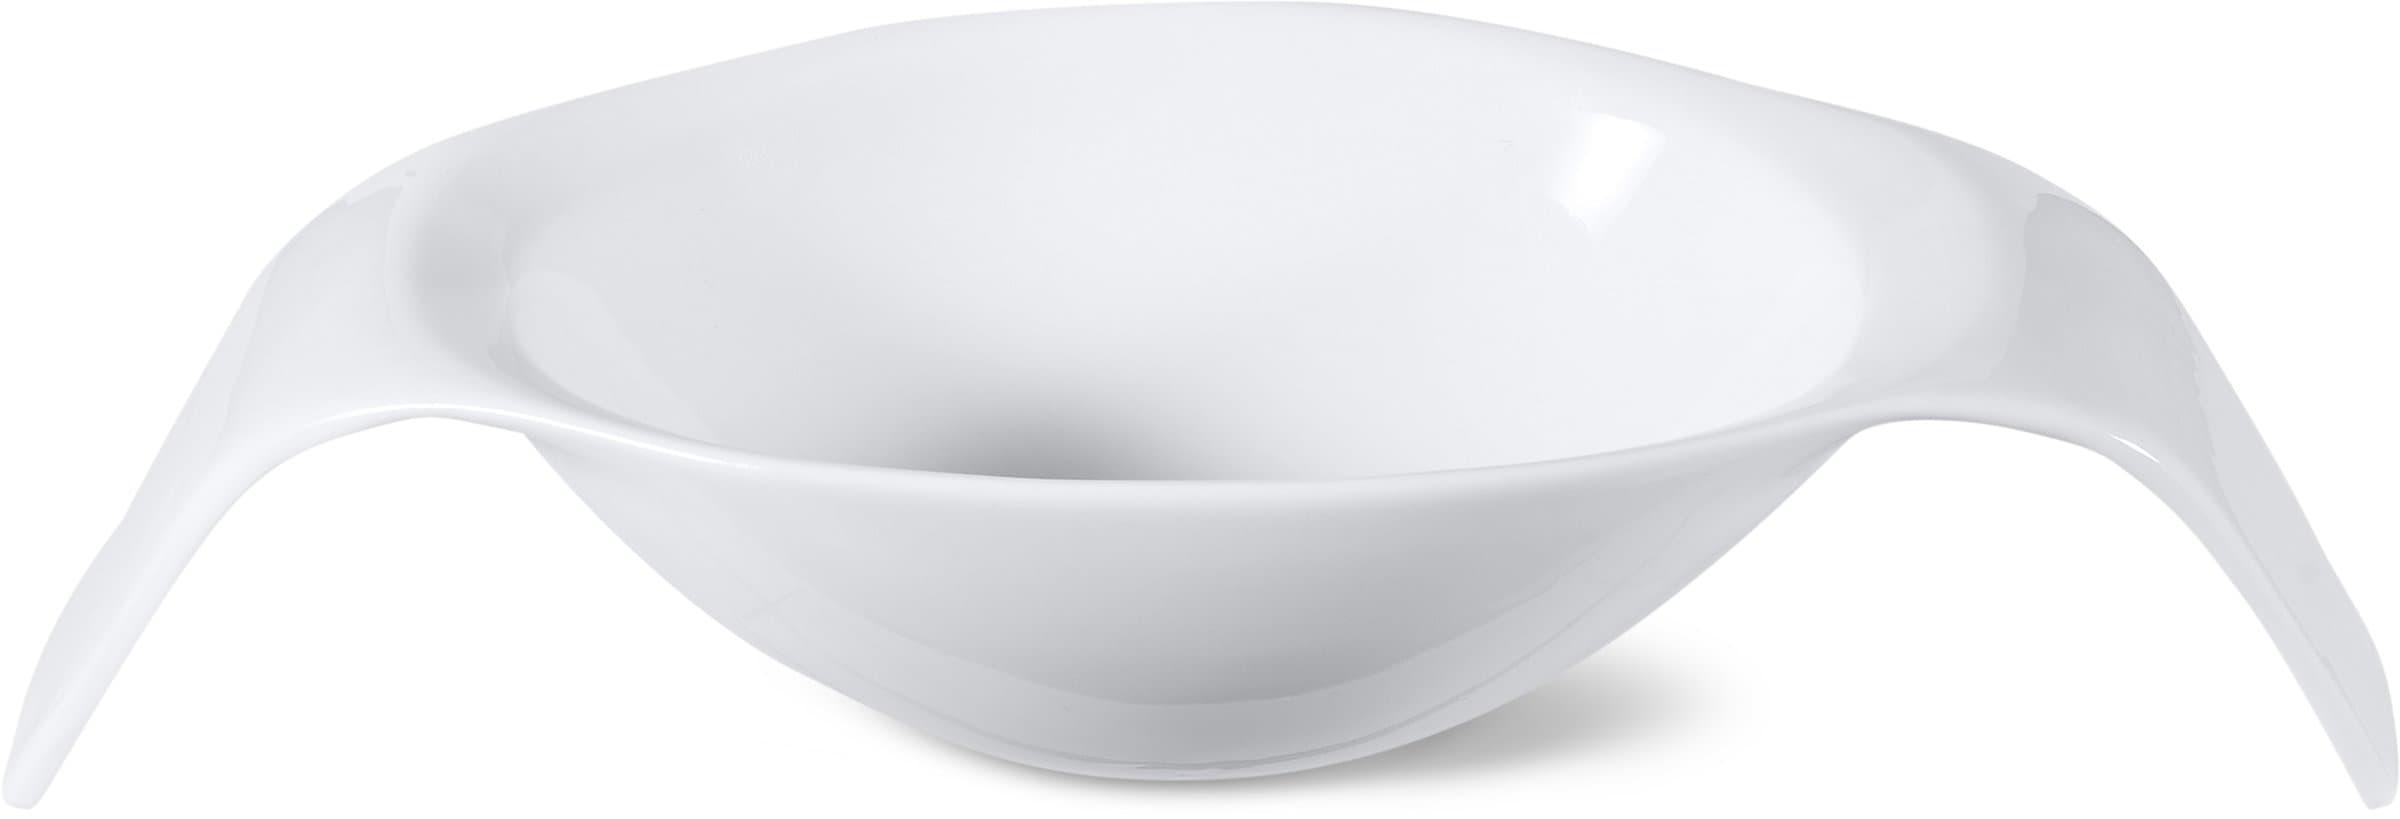 Cucina & Tavola Scodella con doppio fondo